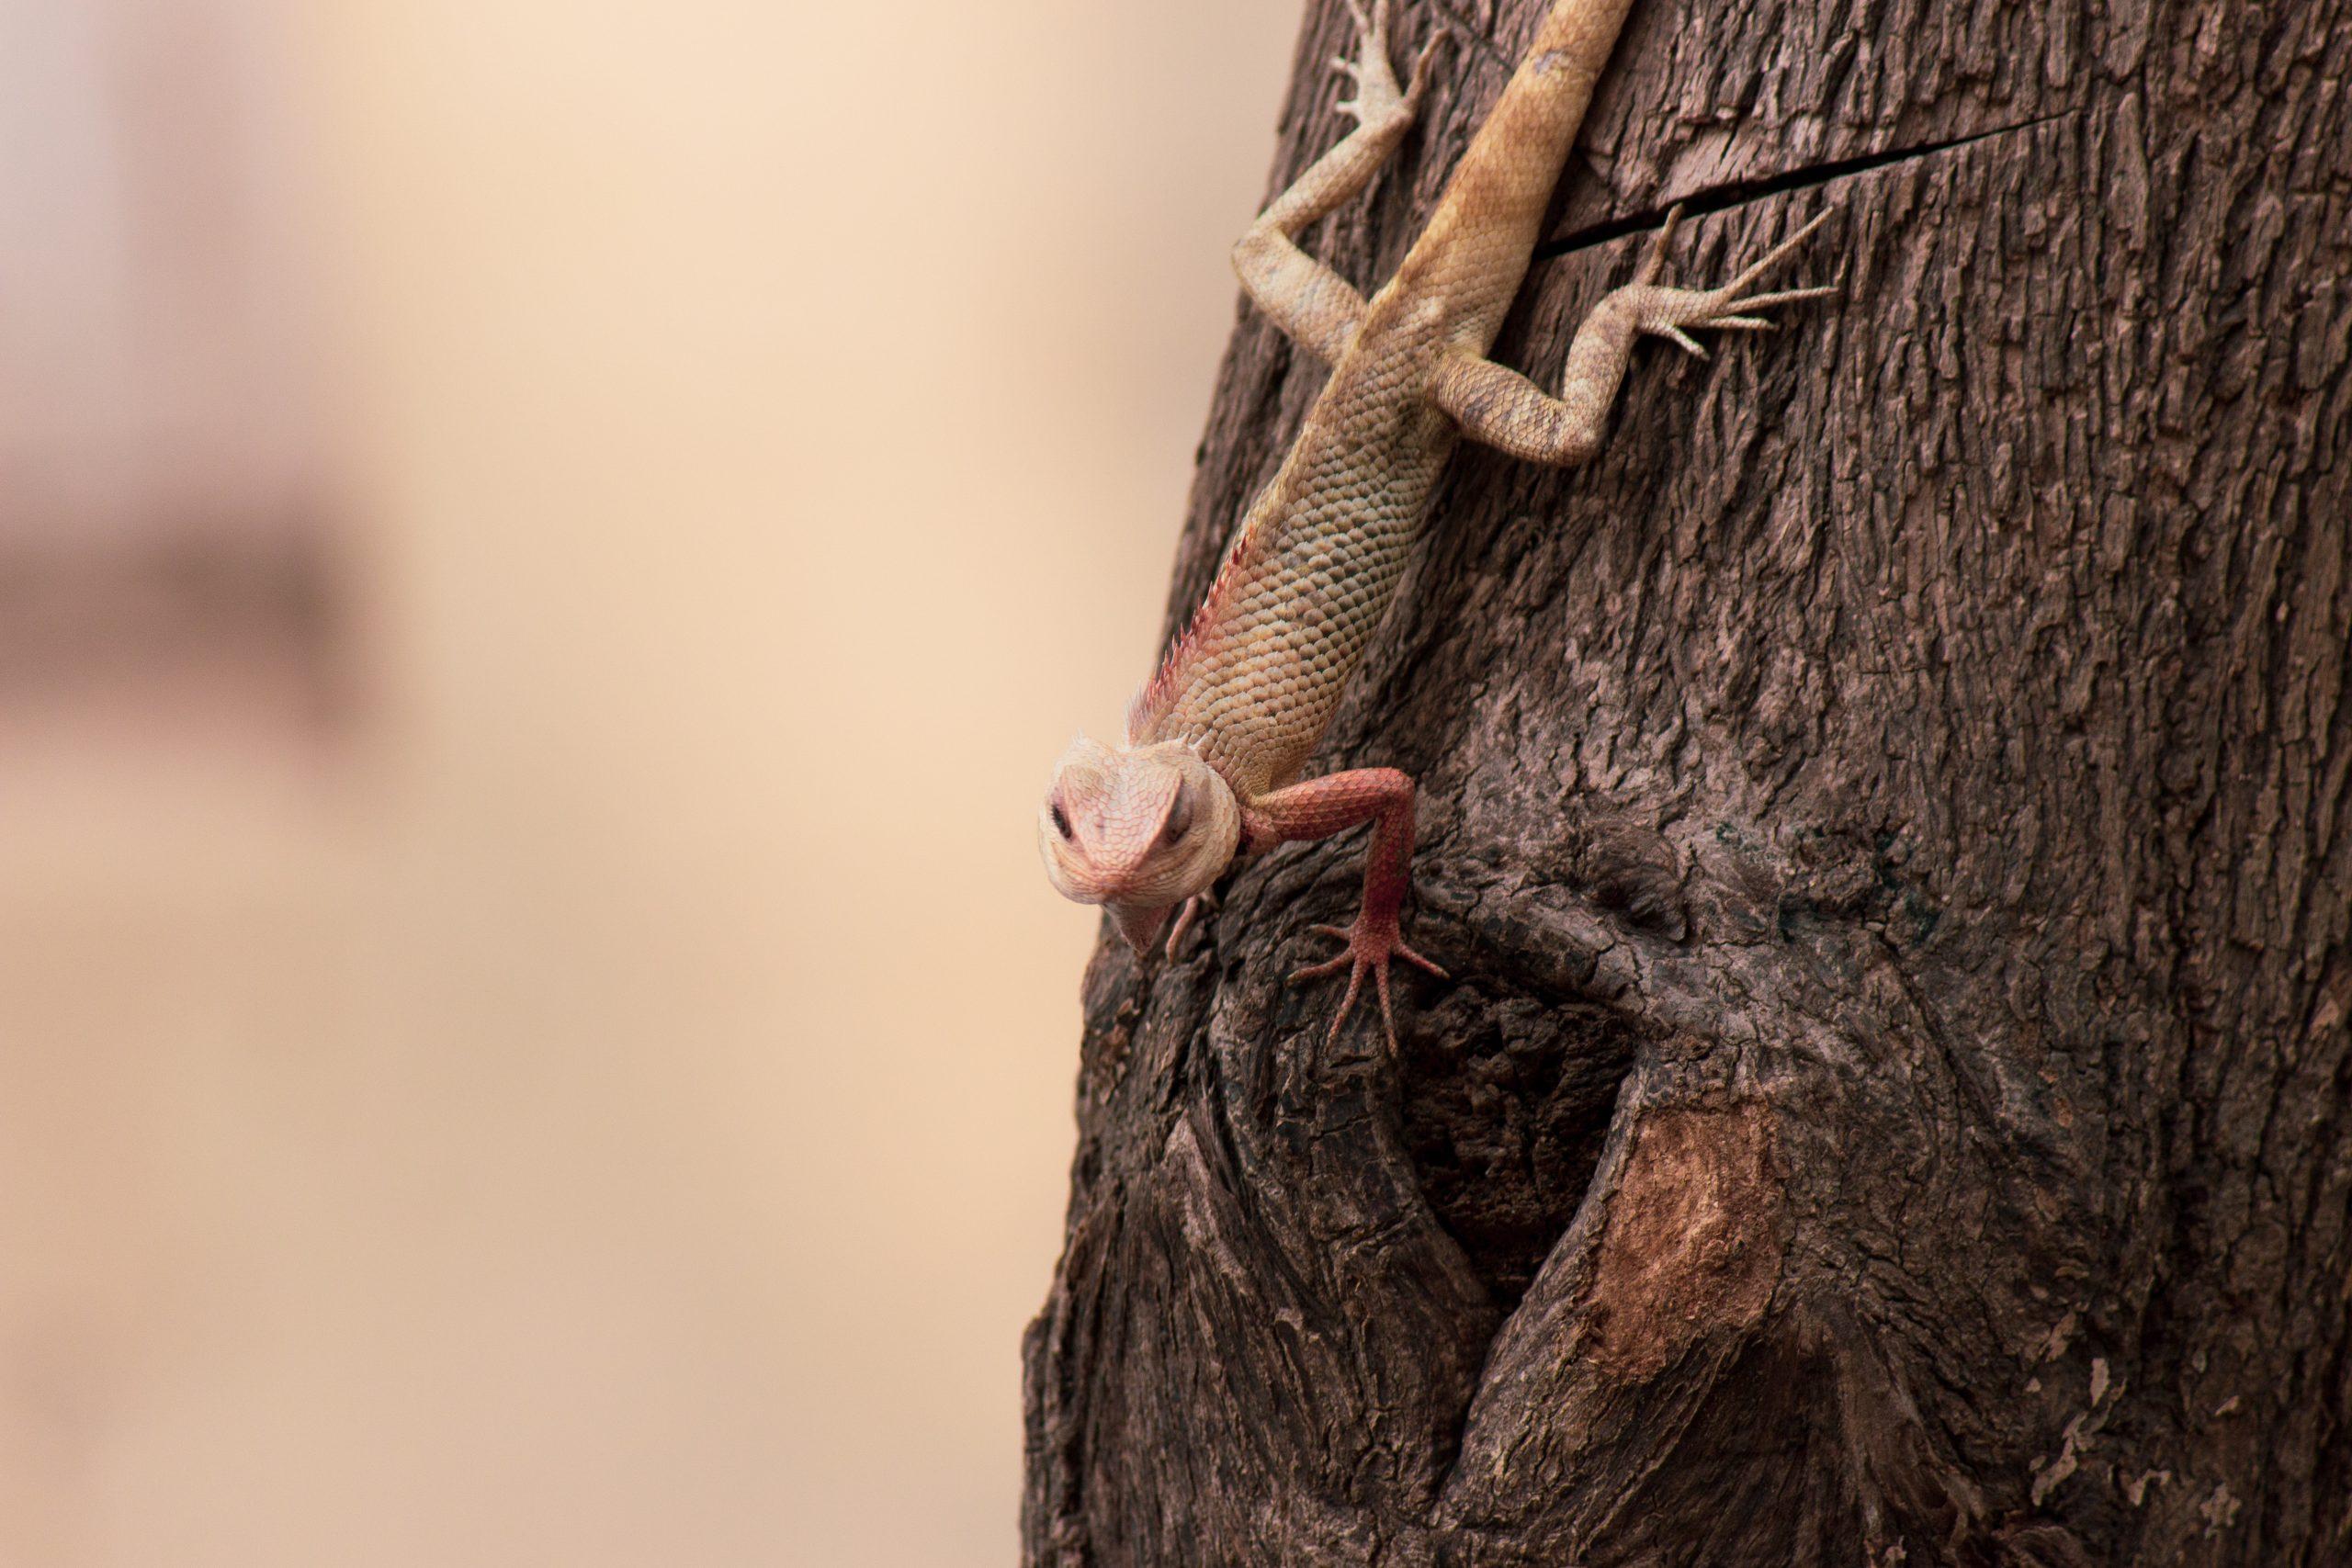 A lizard on tree trunk